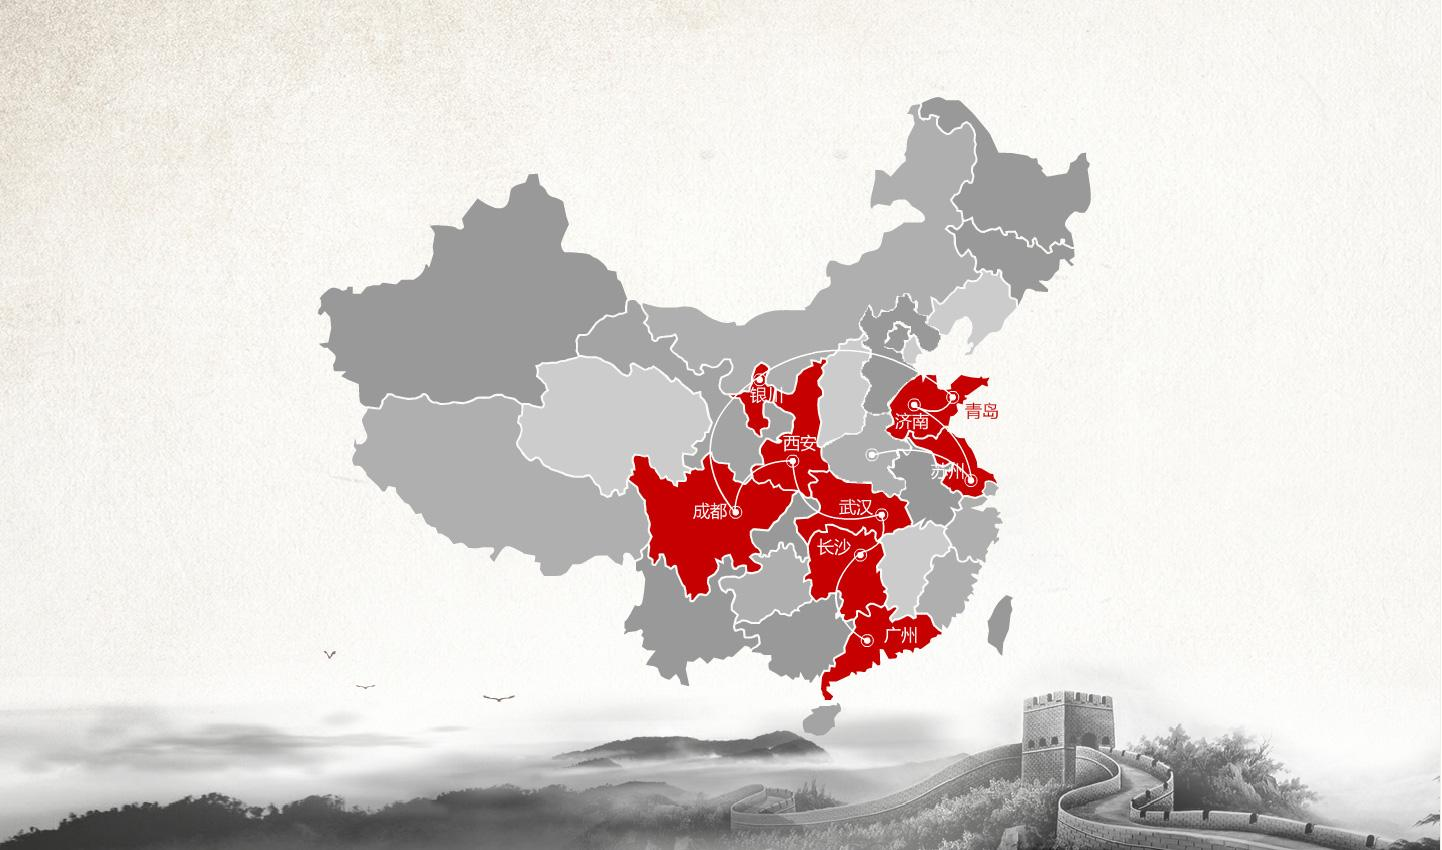 河南元亨房地产营销策划有限公司亿博国际网址设计